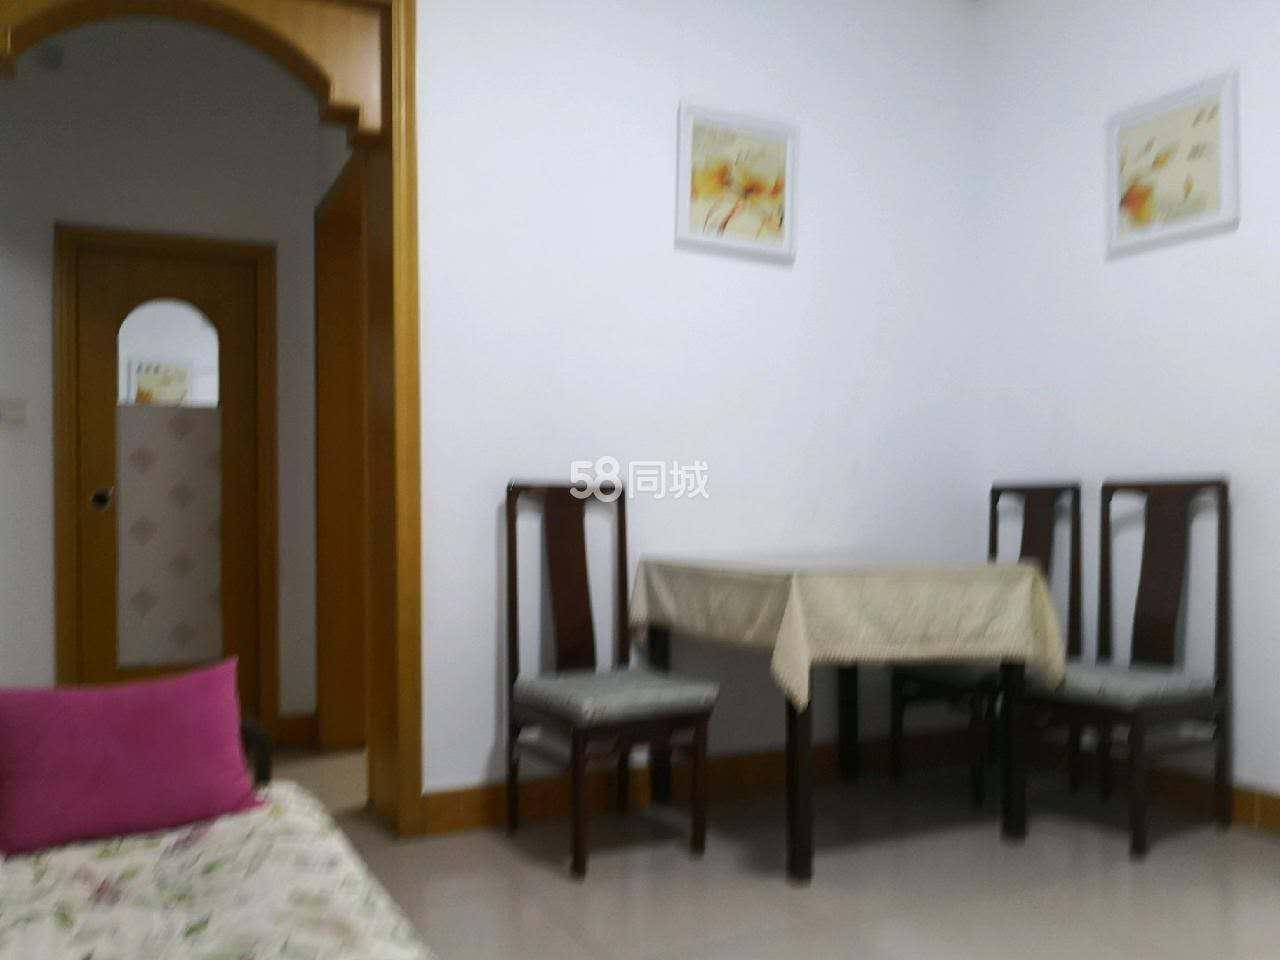 文昌街凤翔小区温馨两室出租,家具齐全,拎包入住,看房方便,随时联系我